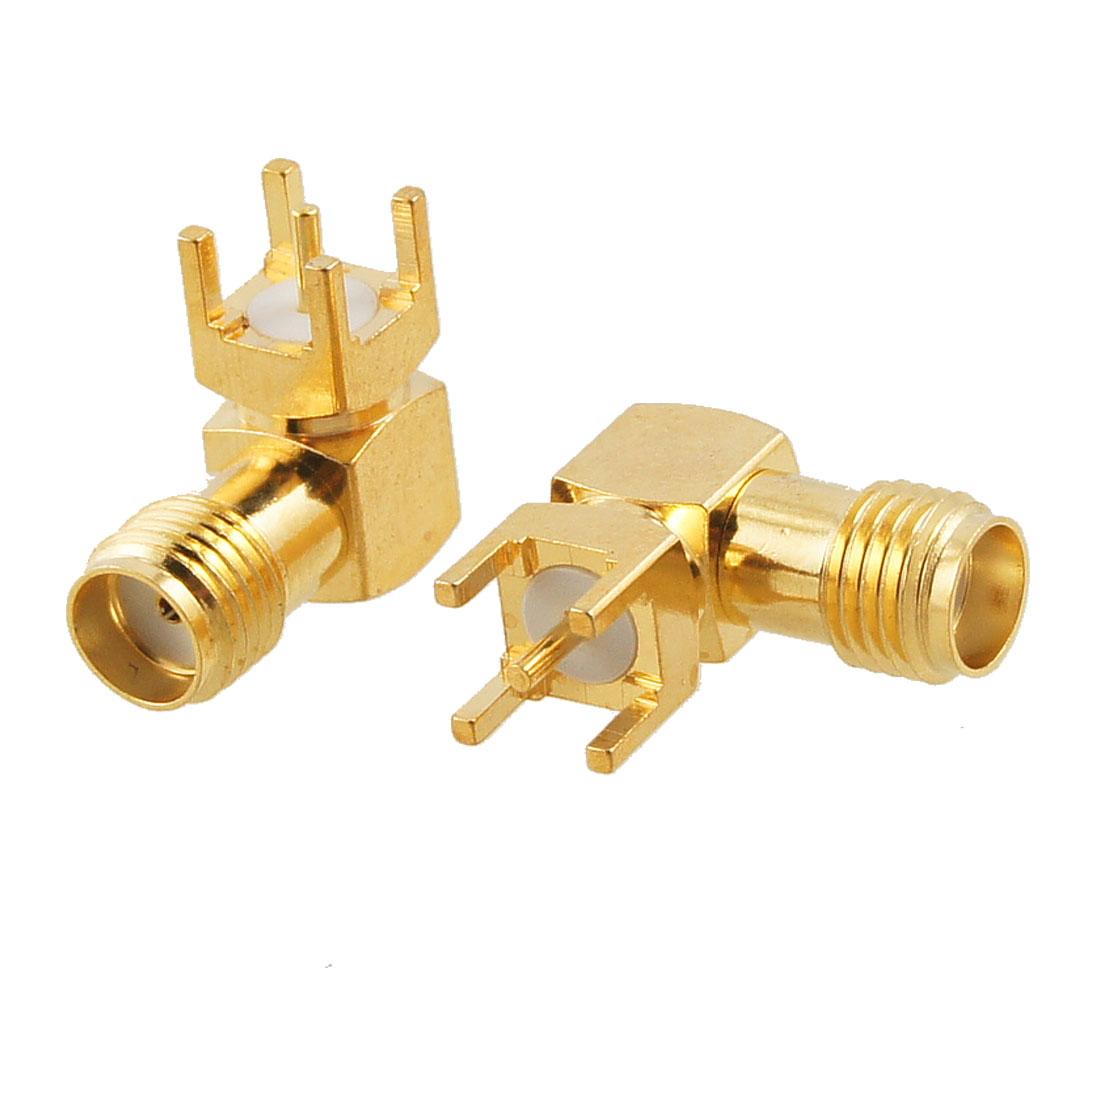 2 Pcs SMA Female Jack Panel Mount PCB Solder Connectors Gold Tone